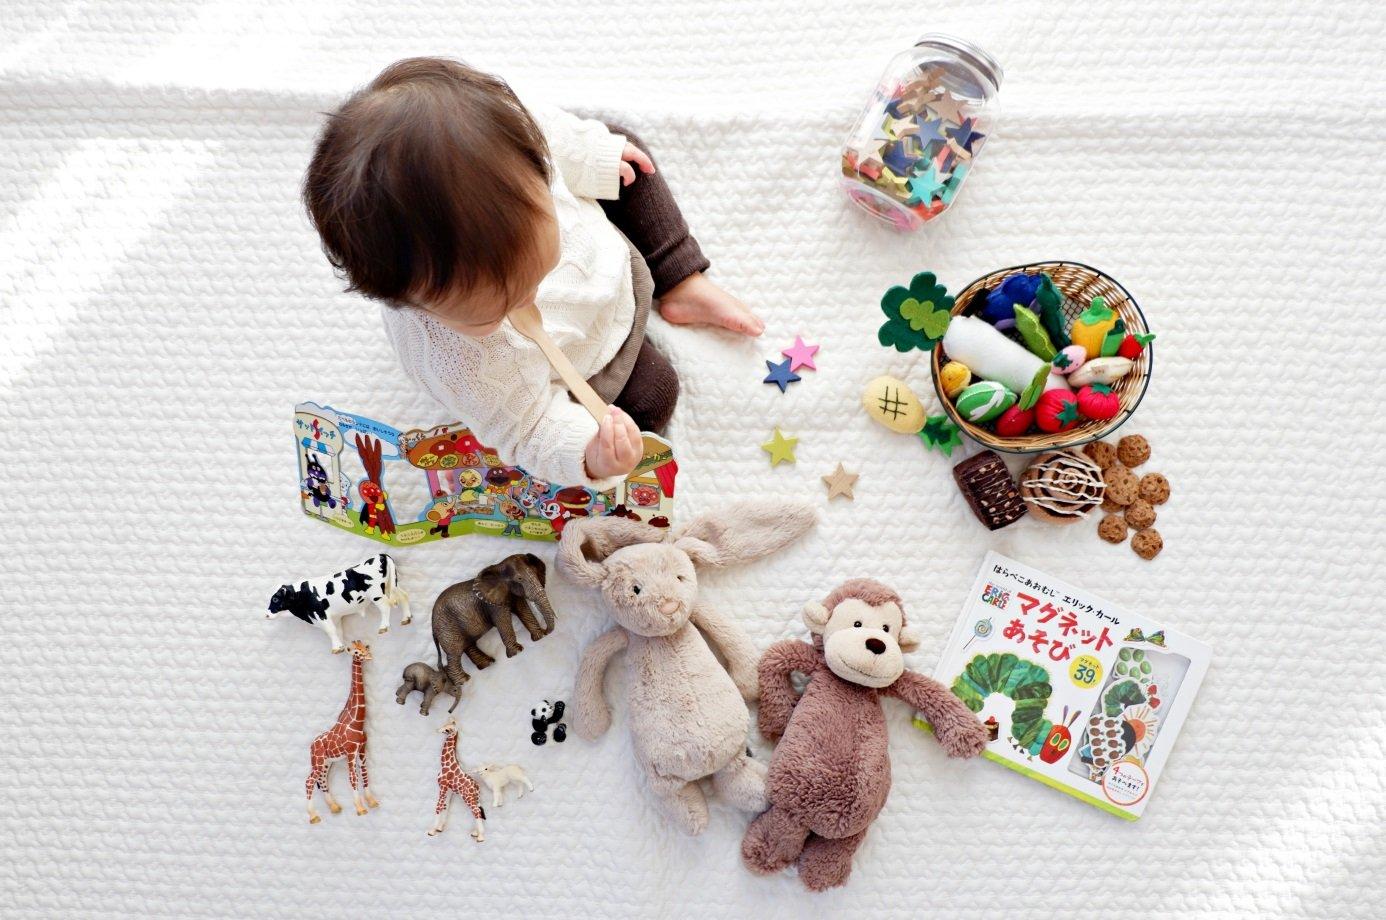 zabawki dla dziecka – akcesoria dla dziecka w Pepco